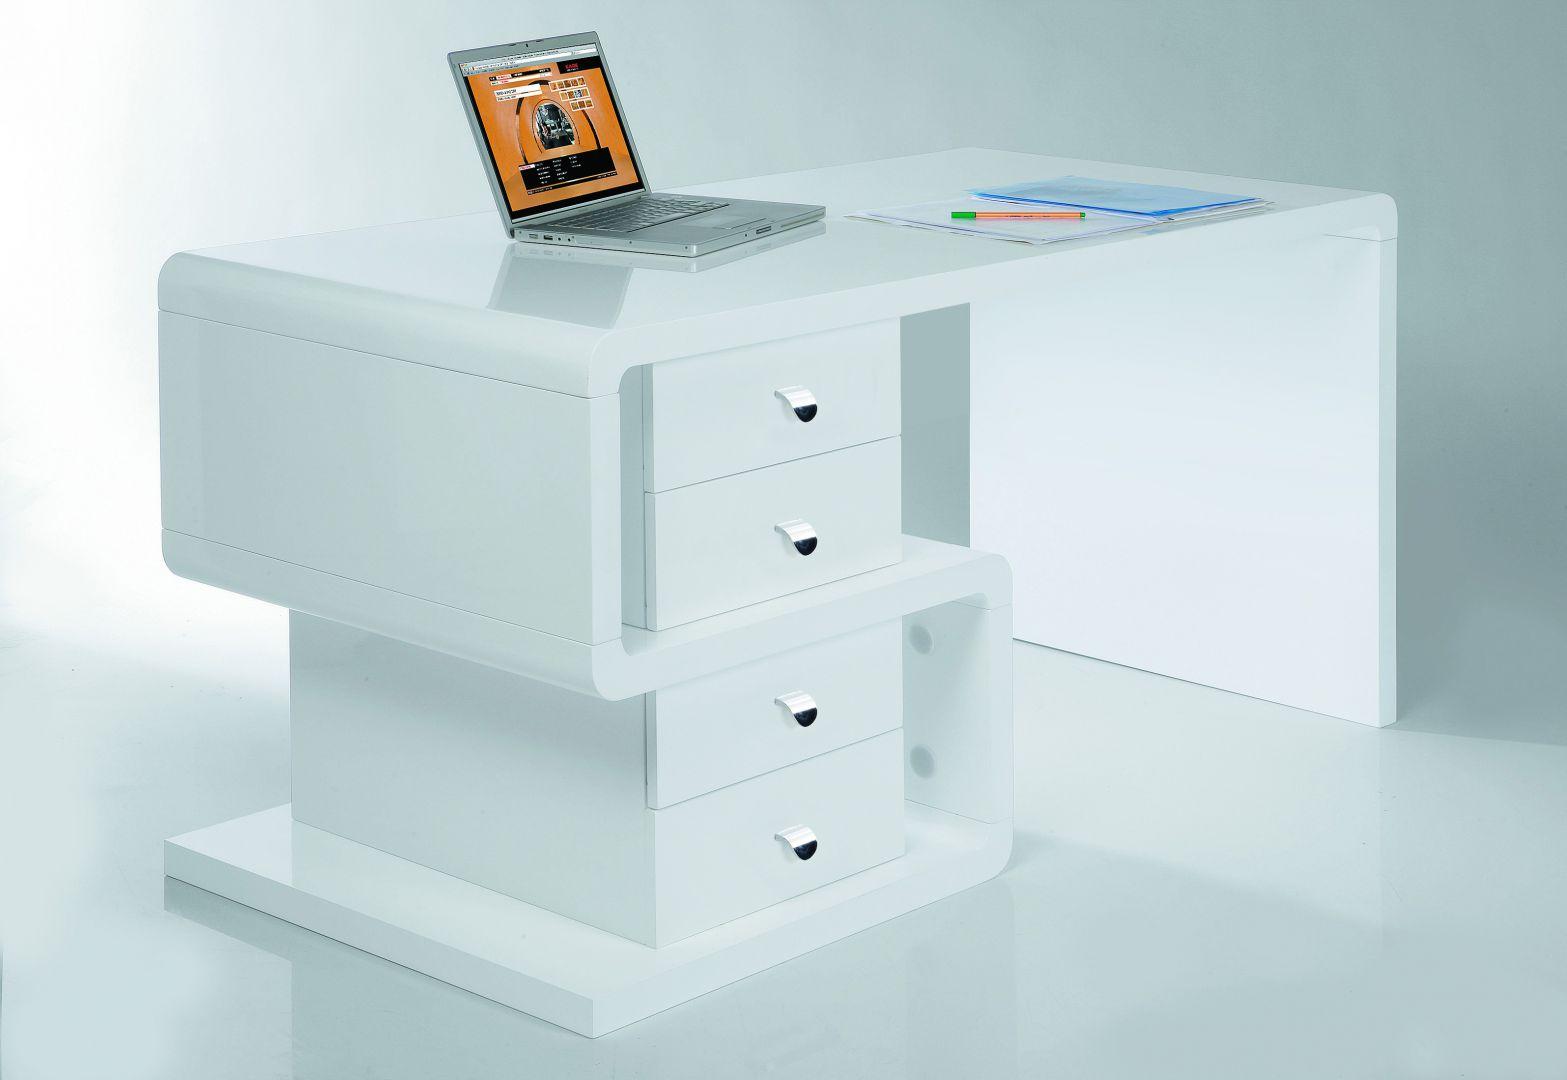 Oryginalny wygląd biurka Booble oraz perfekcja wykonania w każdym detalu szeregują ten mebel w kategorii rzeczy wyjątkowych. Sprzedaż: Moma Studio. Cena: 3.215 zł.